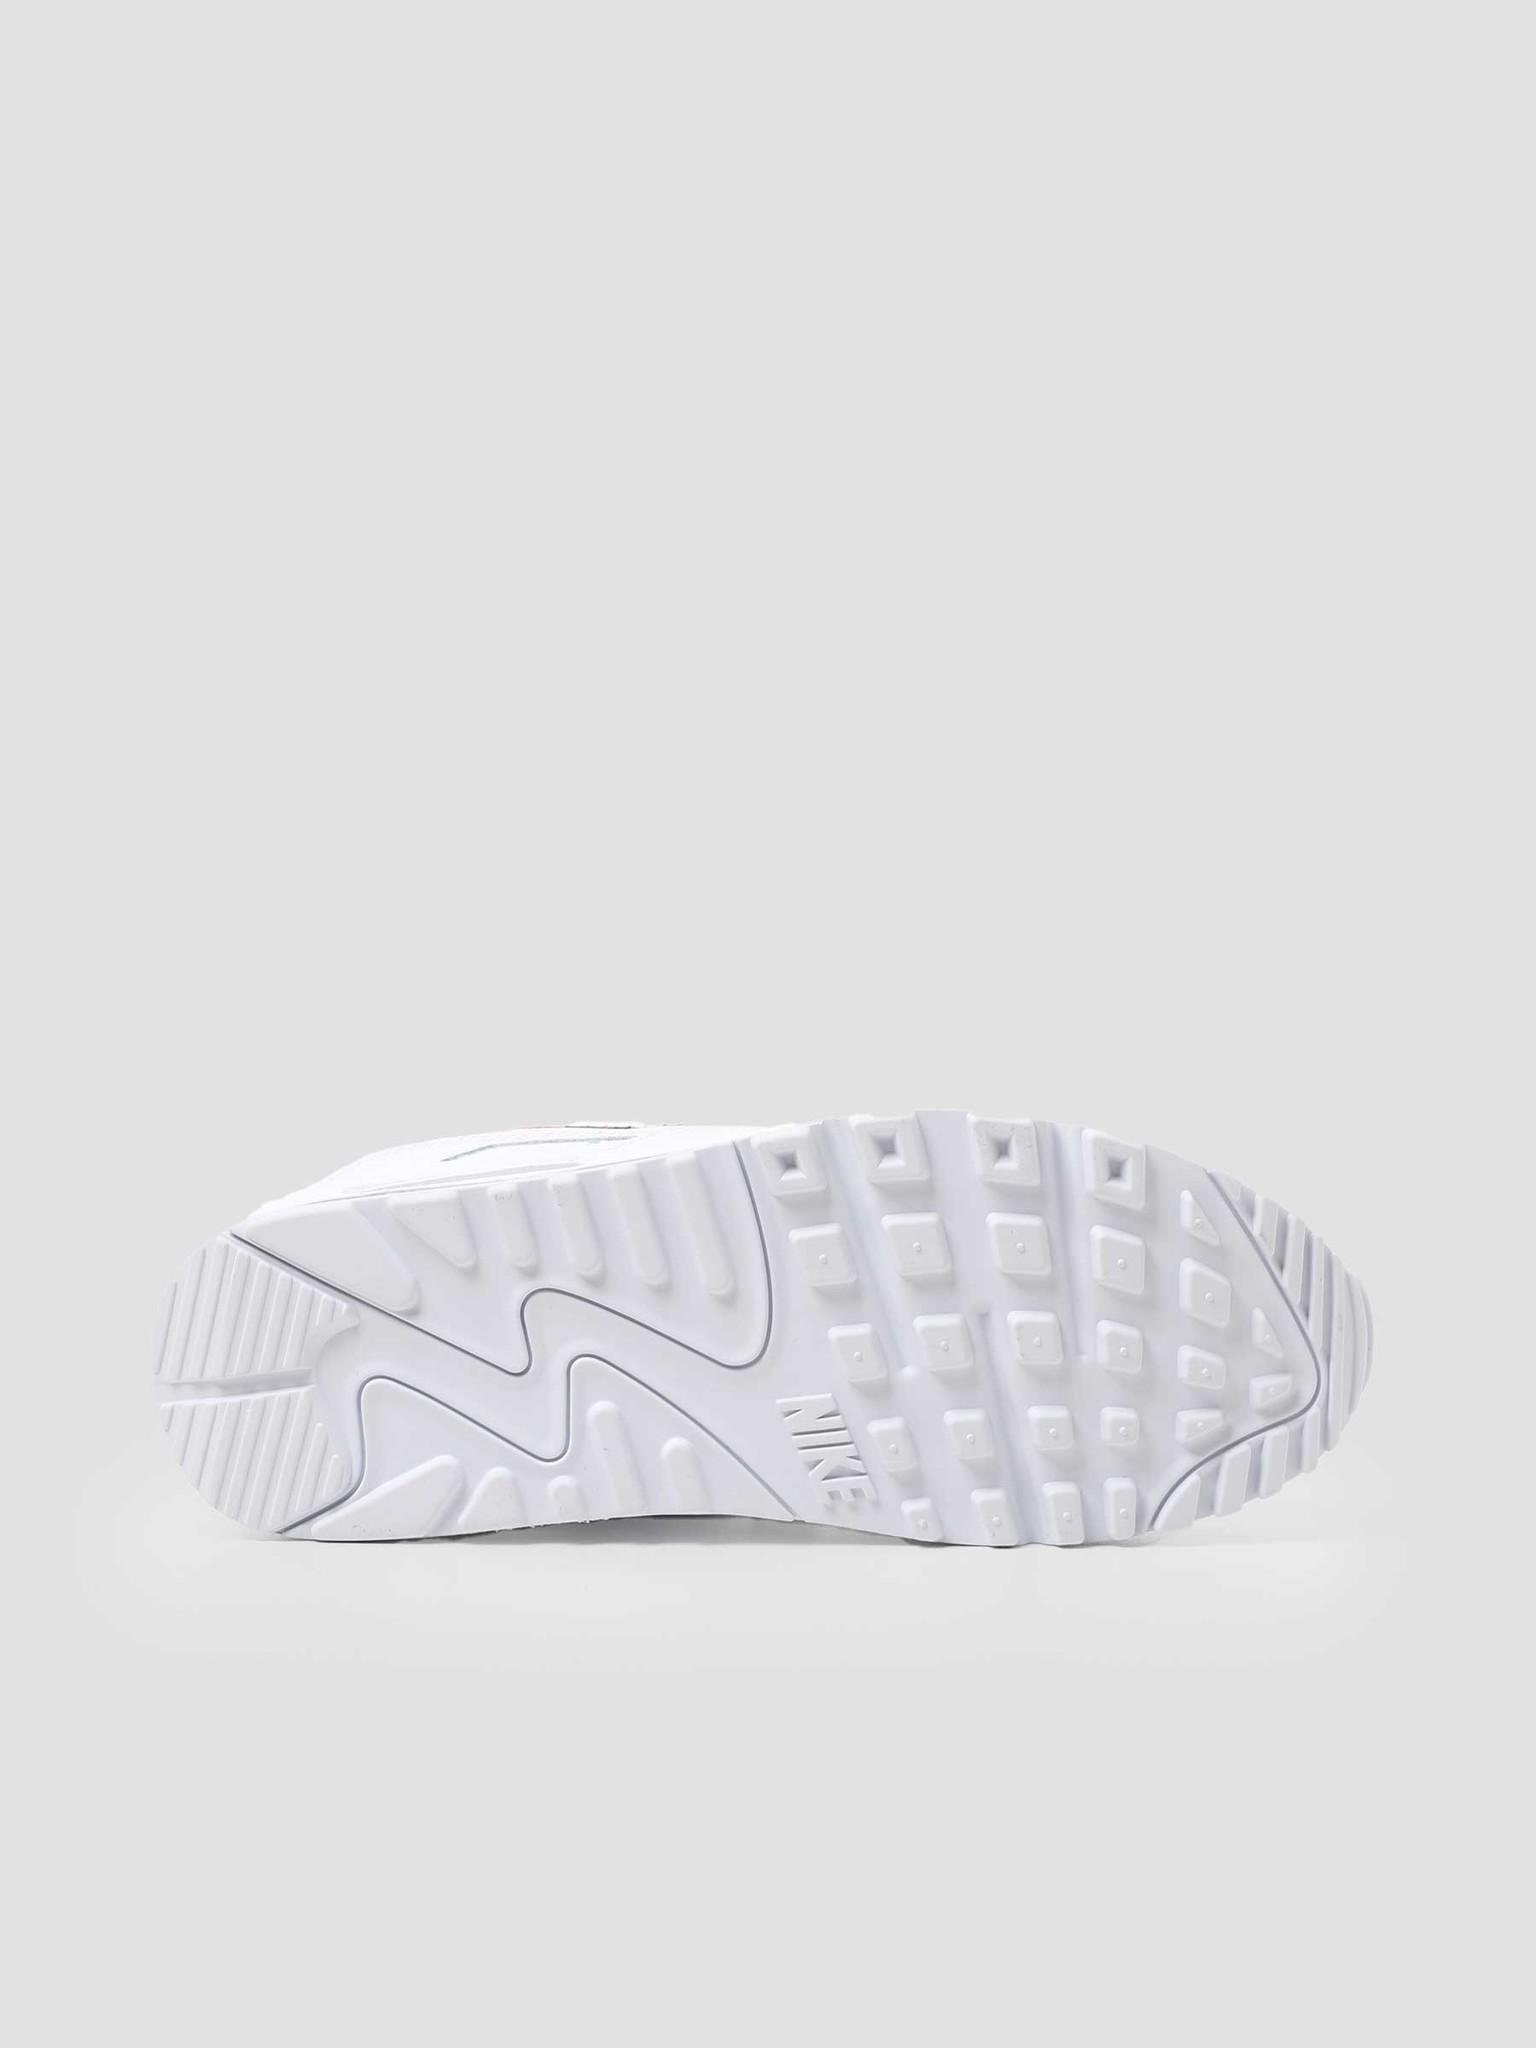 Nike Nike Air Max 90 AX White DH4115-100